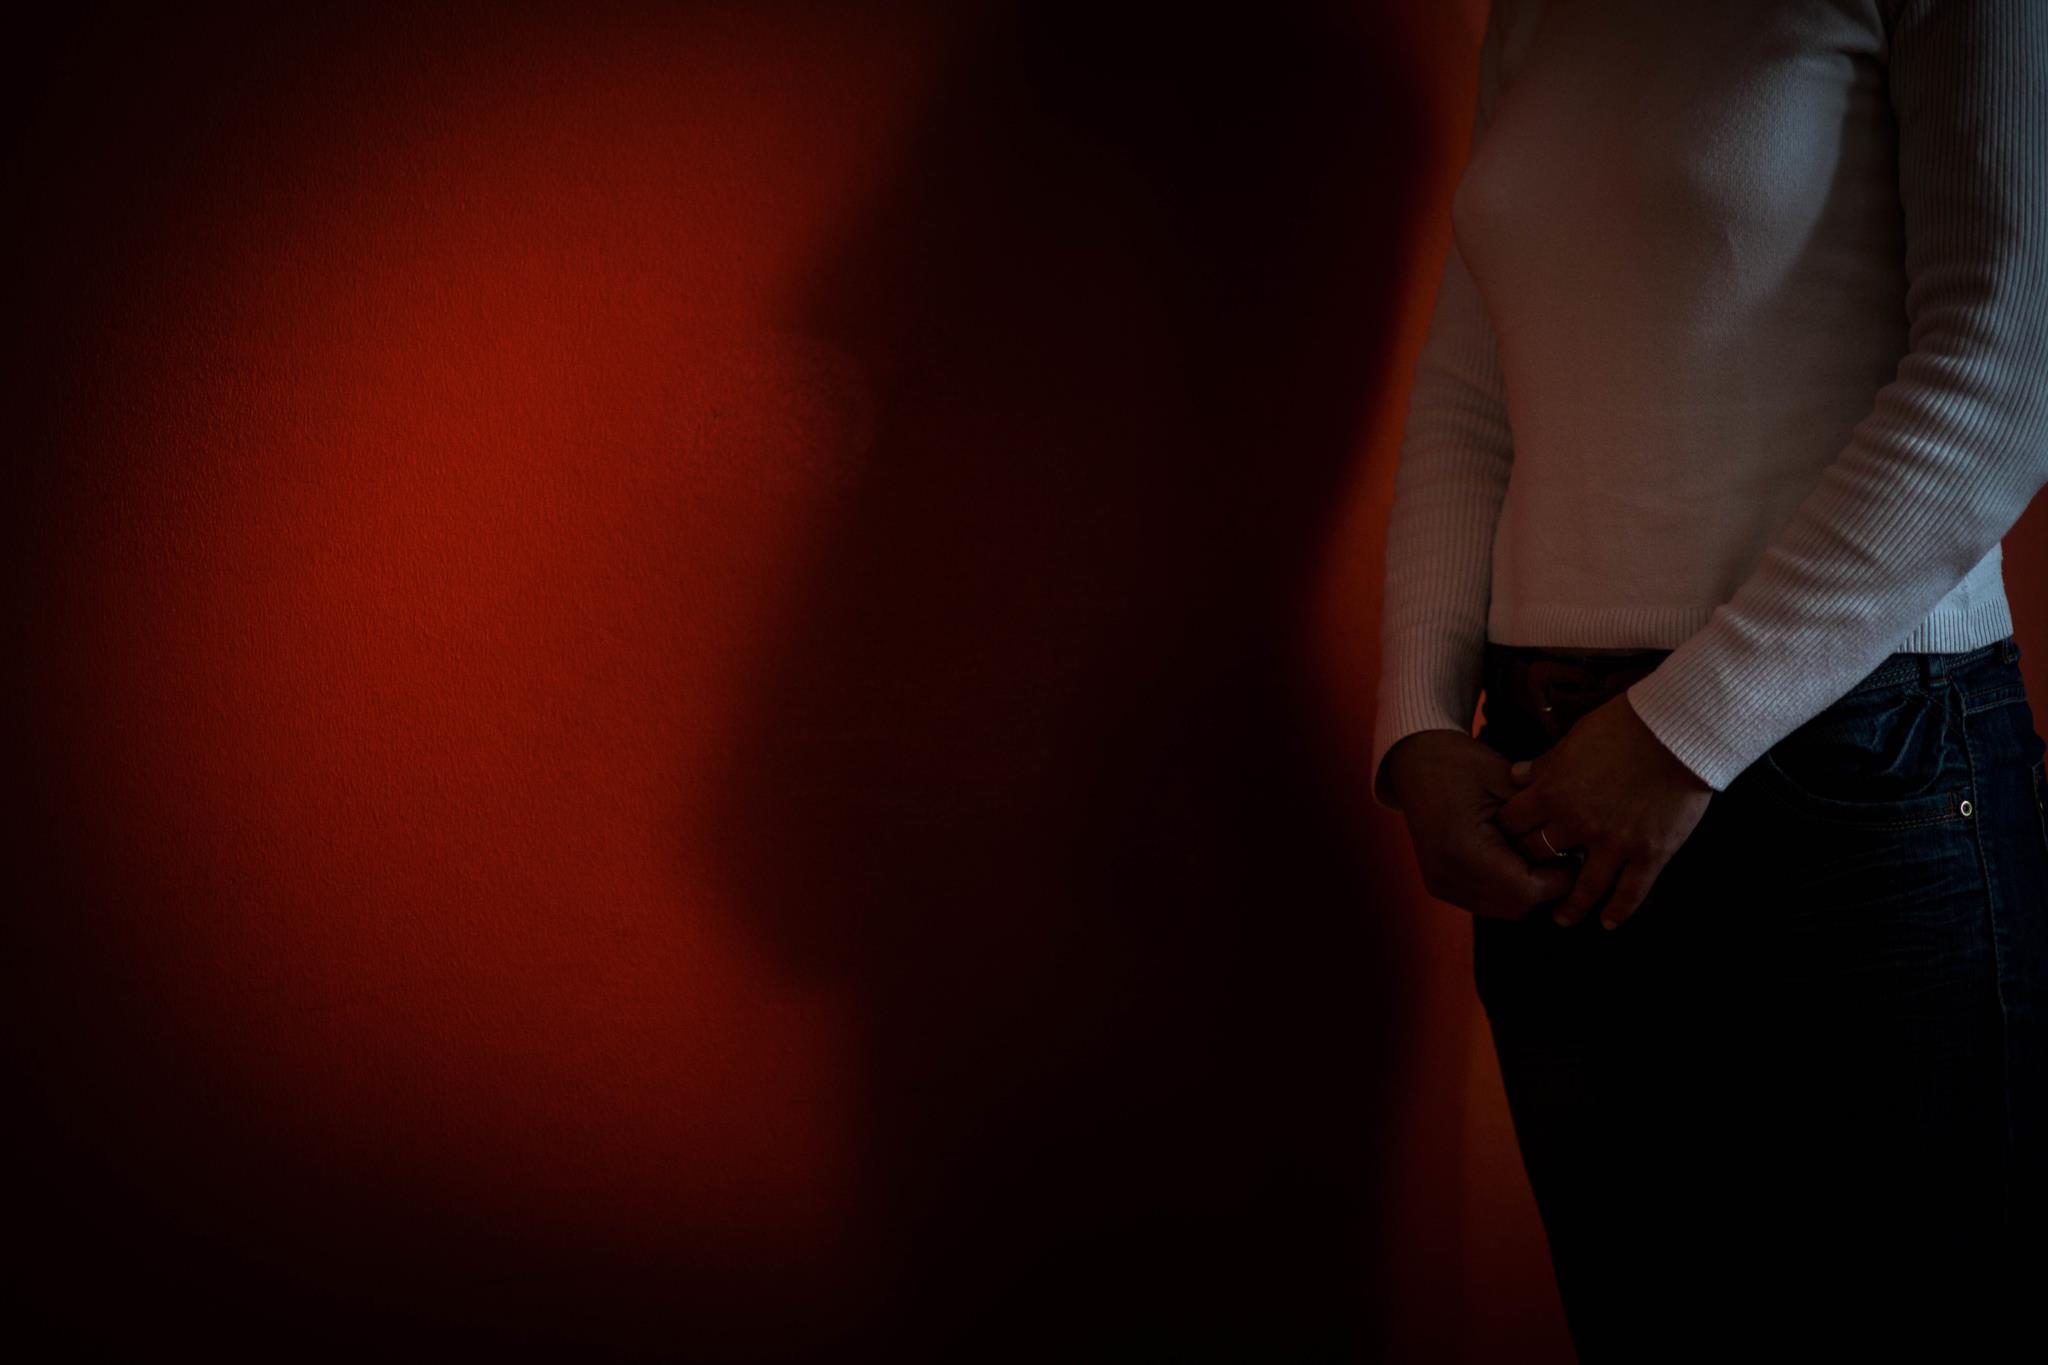 Saúde sexual: pode haver sexualidade sem sexo?